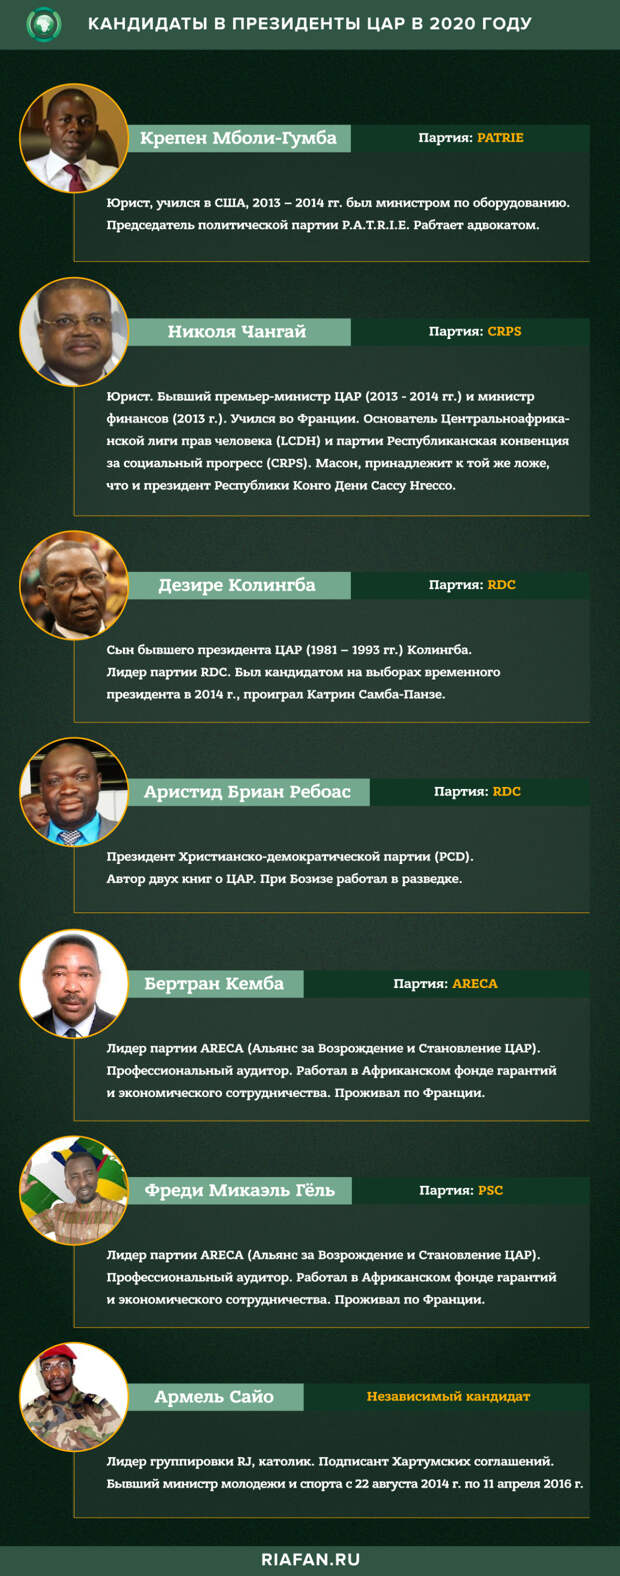 Кандидаты в президенты ЦАР